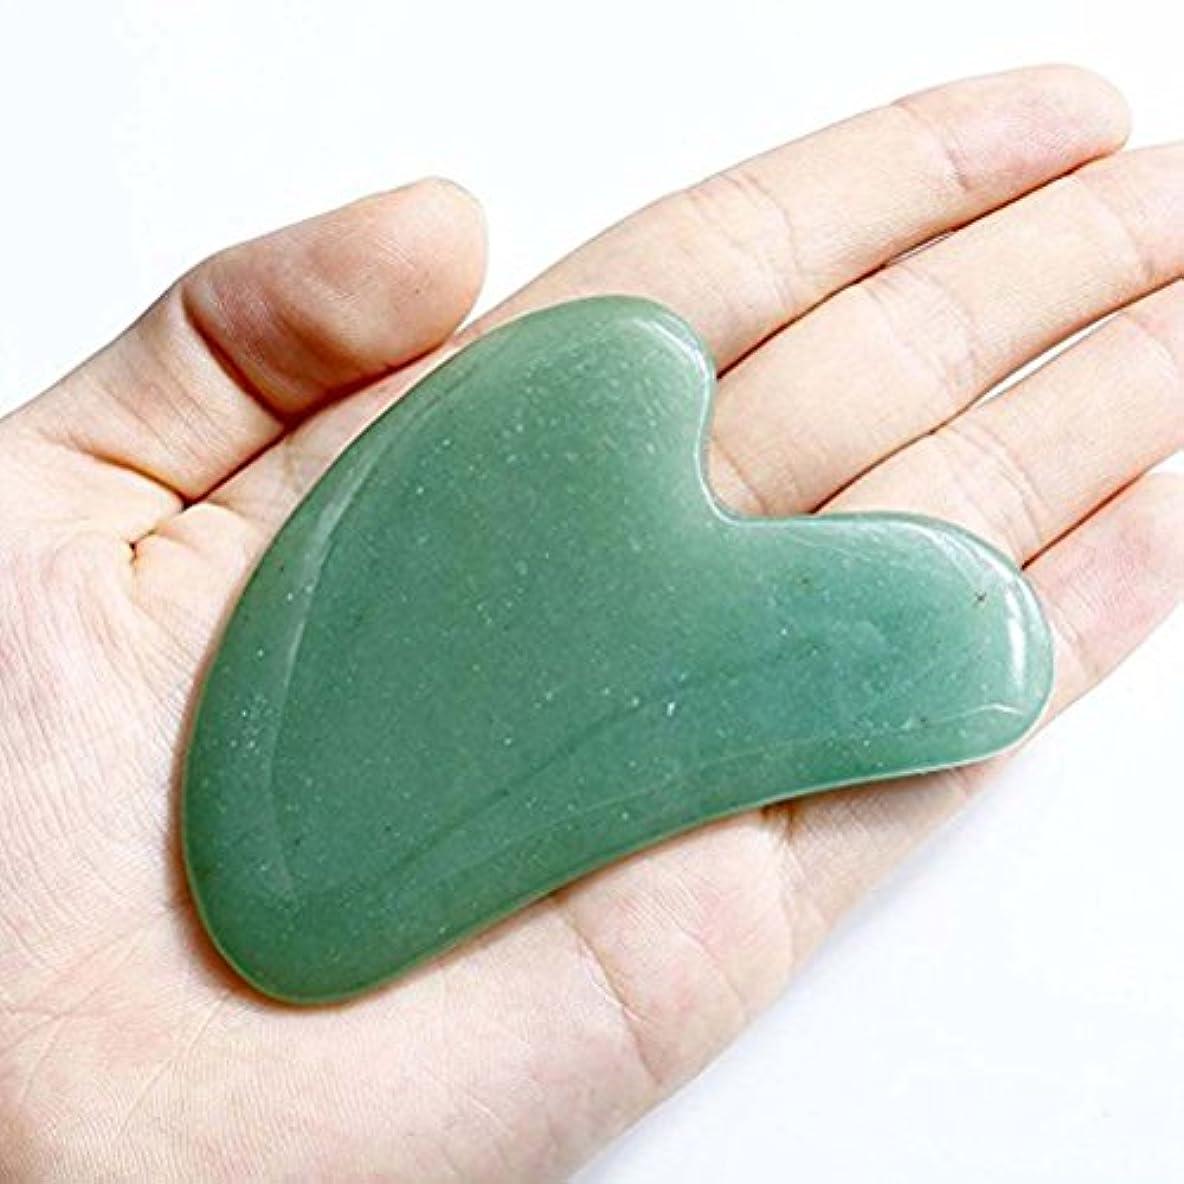 スラム街アルコール早いEcho & Kern Face / Body Massage Green Aventurine heart shape ハート形状かっさプレート 天然石 翡翠色(顔?ボディのリンパマッサージ) (かっさプレートH)